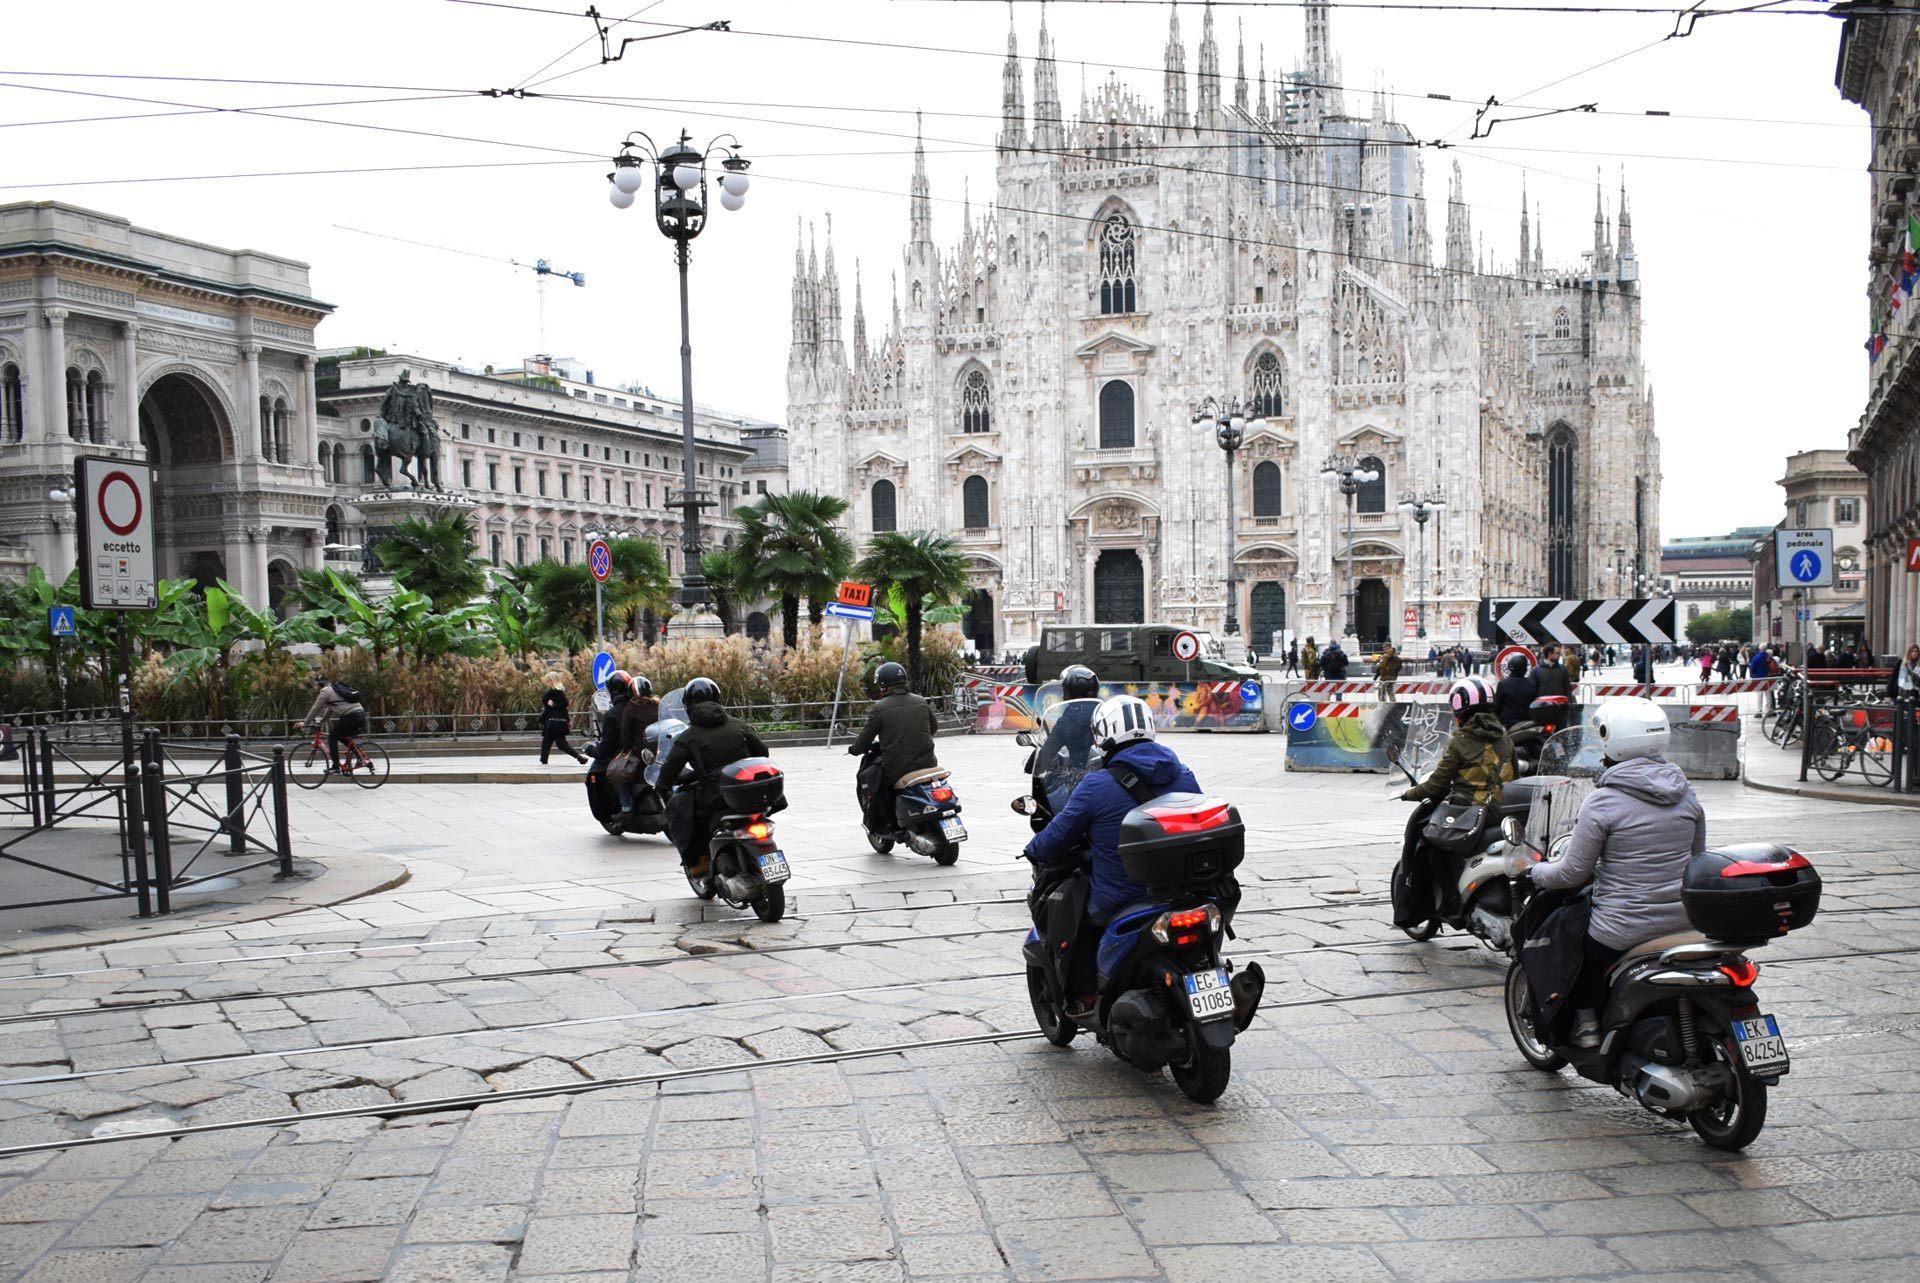 バイク天国☆イタリアの旅 その5 ミラノ街を散策_d0099181_10345828.jpg